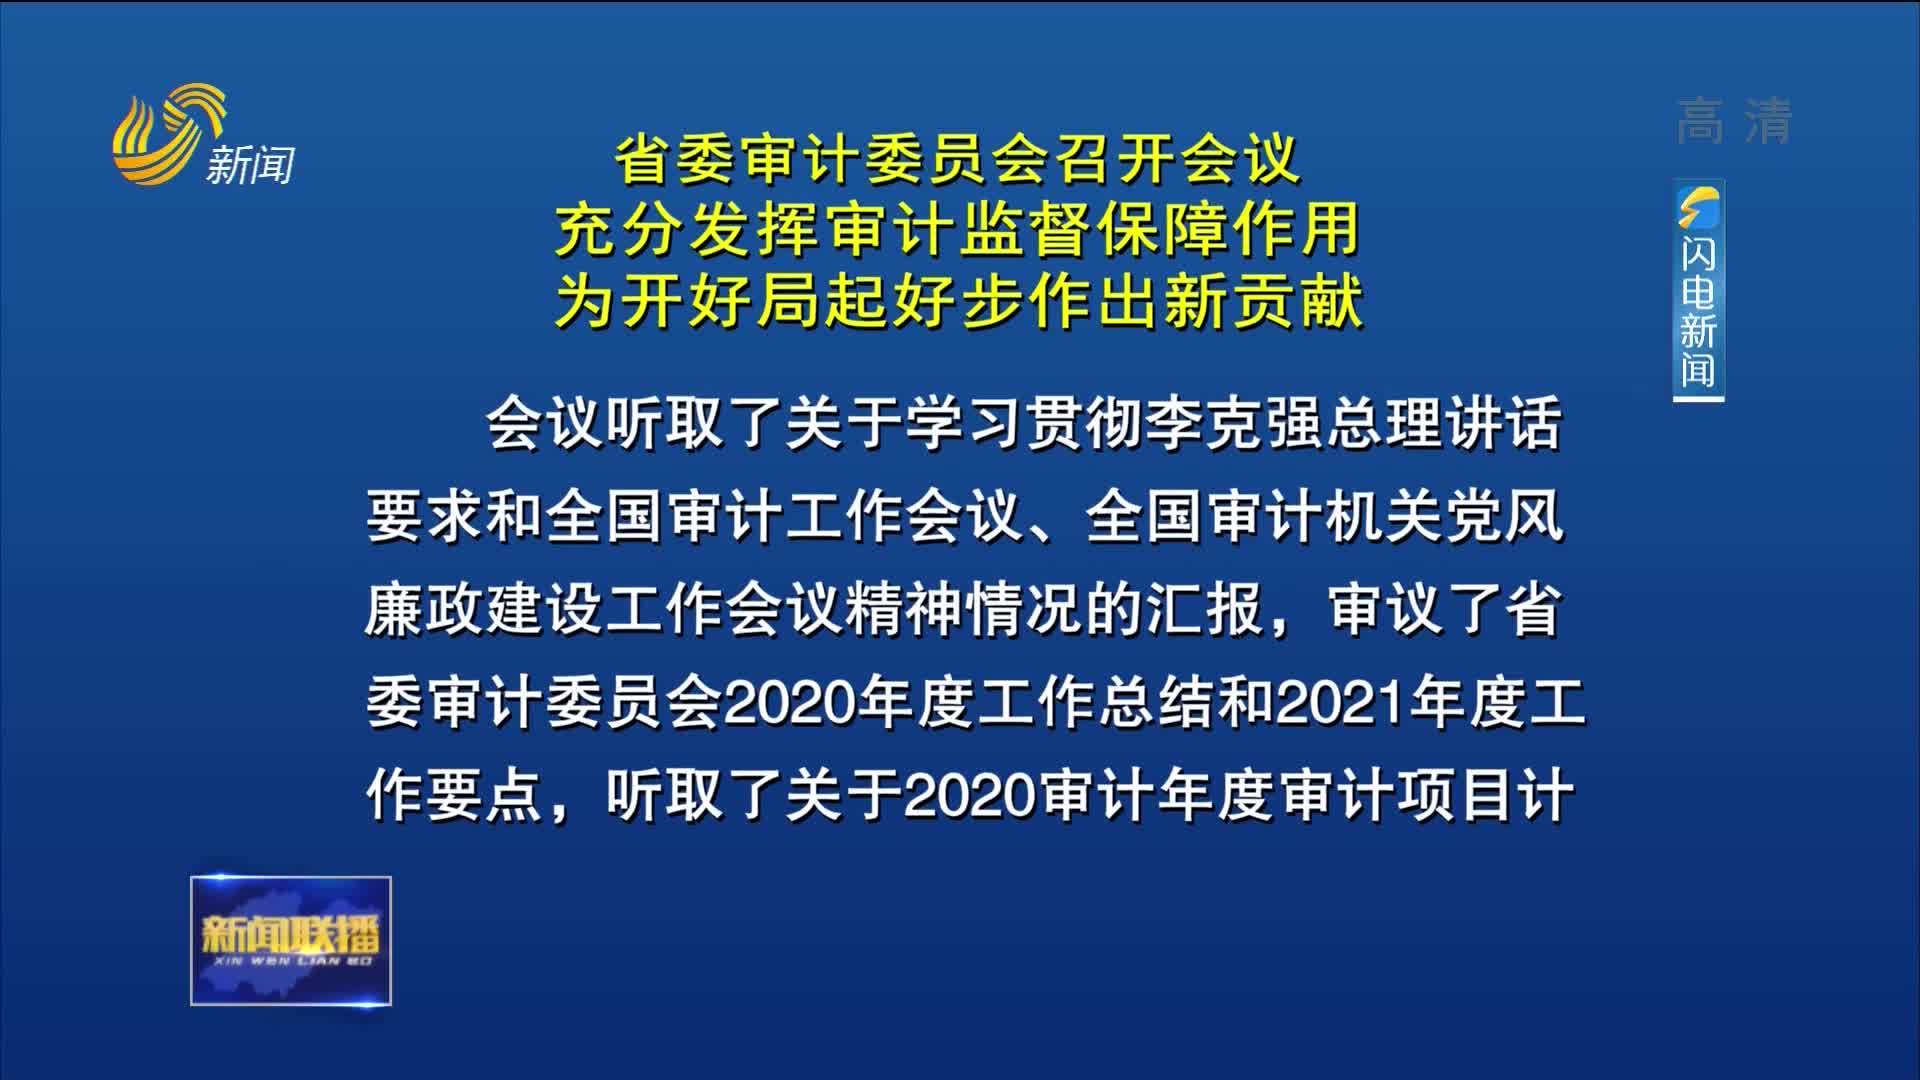 省委审计委员会召开会议 充分发挥审计监督保障作用 为开好局起好步作出新贡献